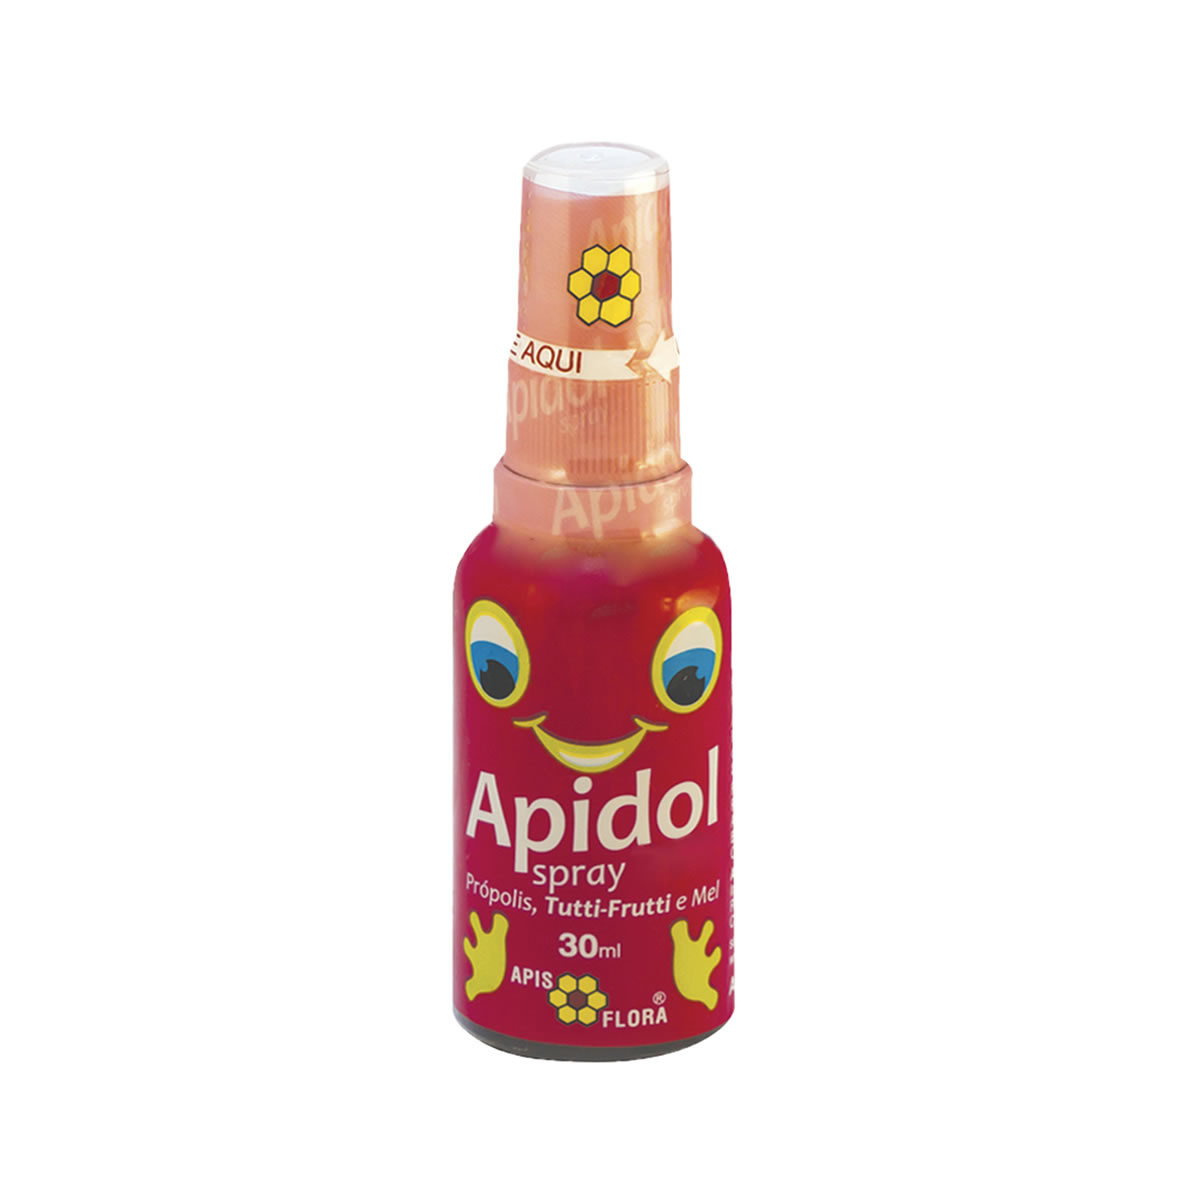 Extrato de Própolis Apidol Sabor Tutti-frutti e Mel 30ml - Apis Flora